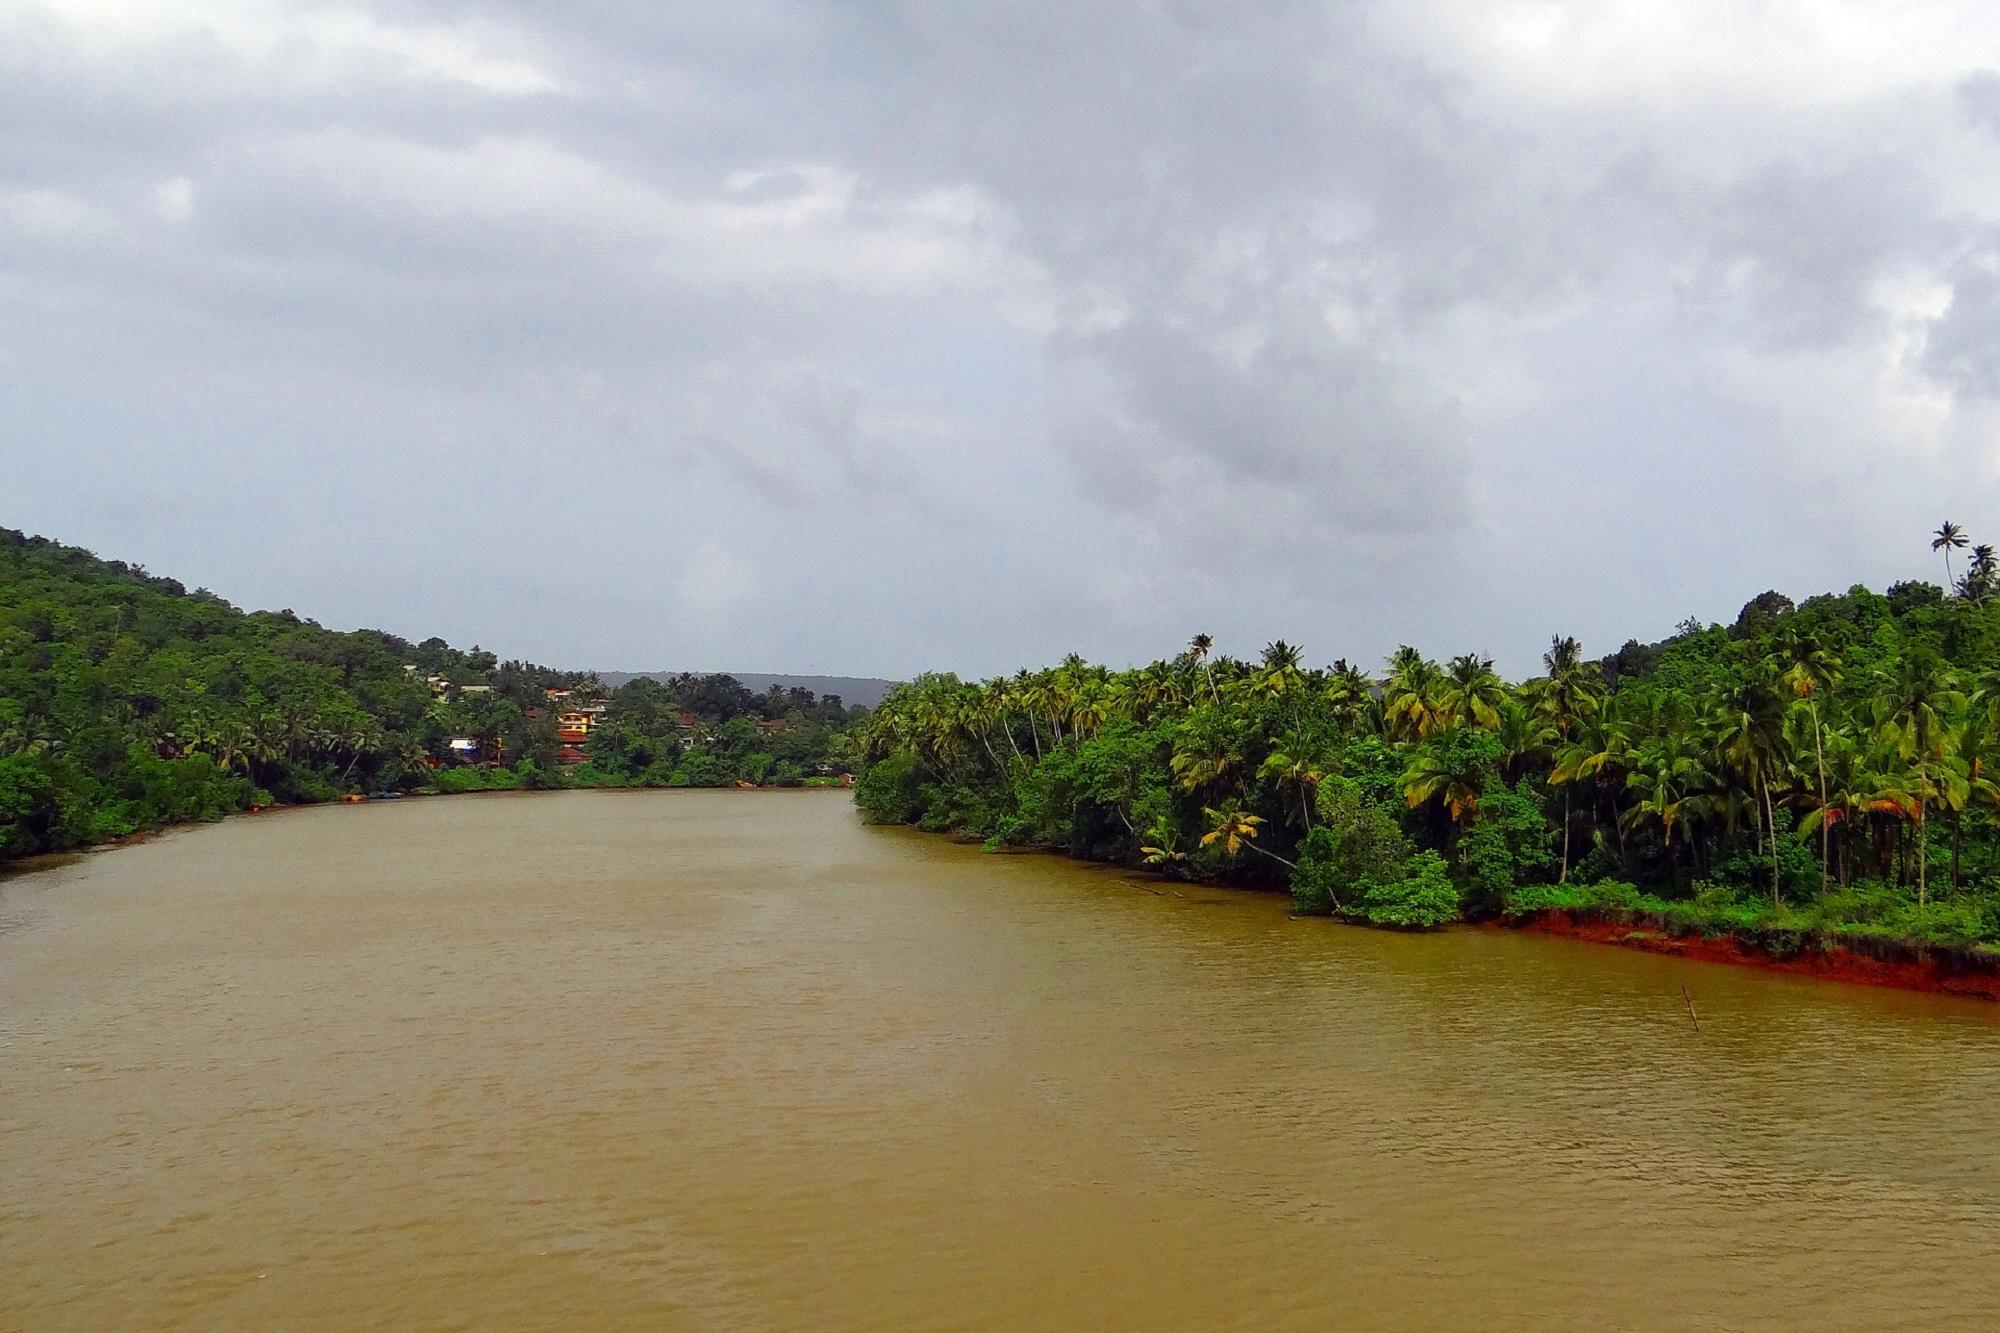 Terekhol River India